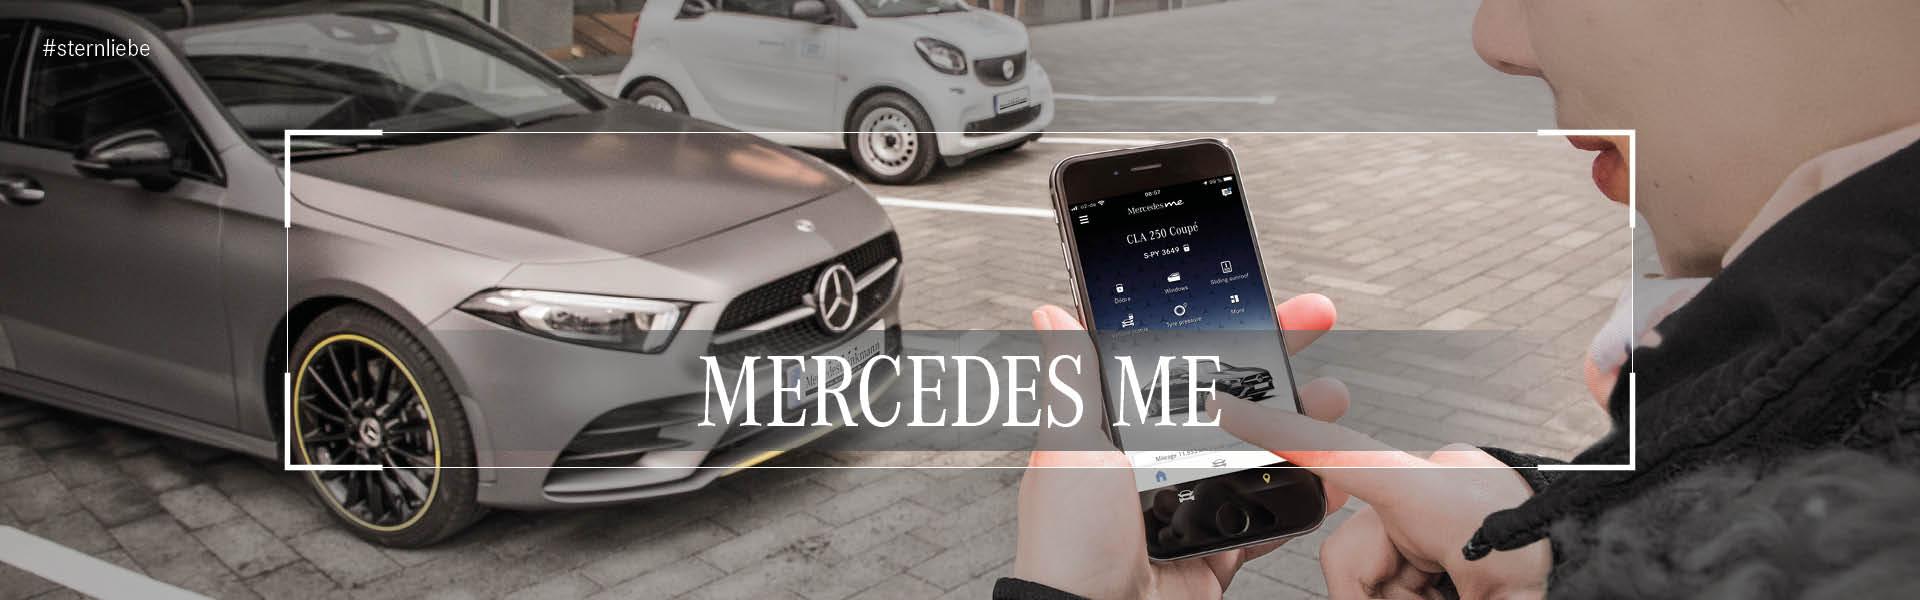 Mercedes-Benz-Brinkmann-Werkstatt-Mercedes-me-header